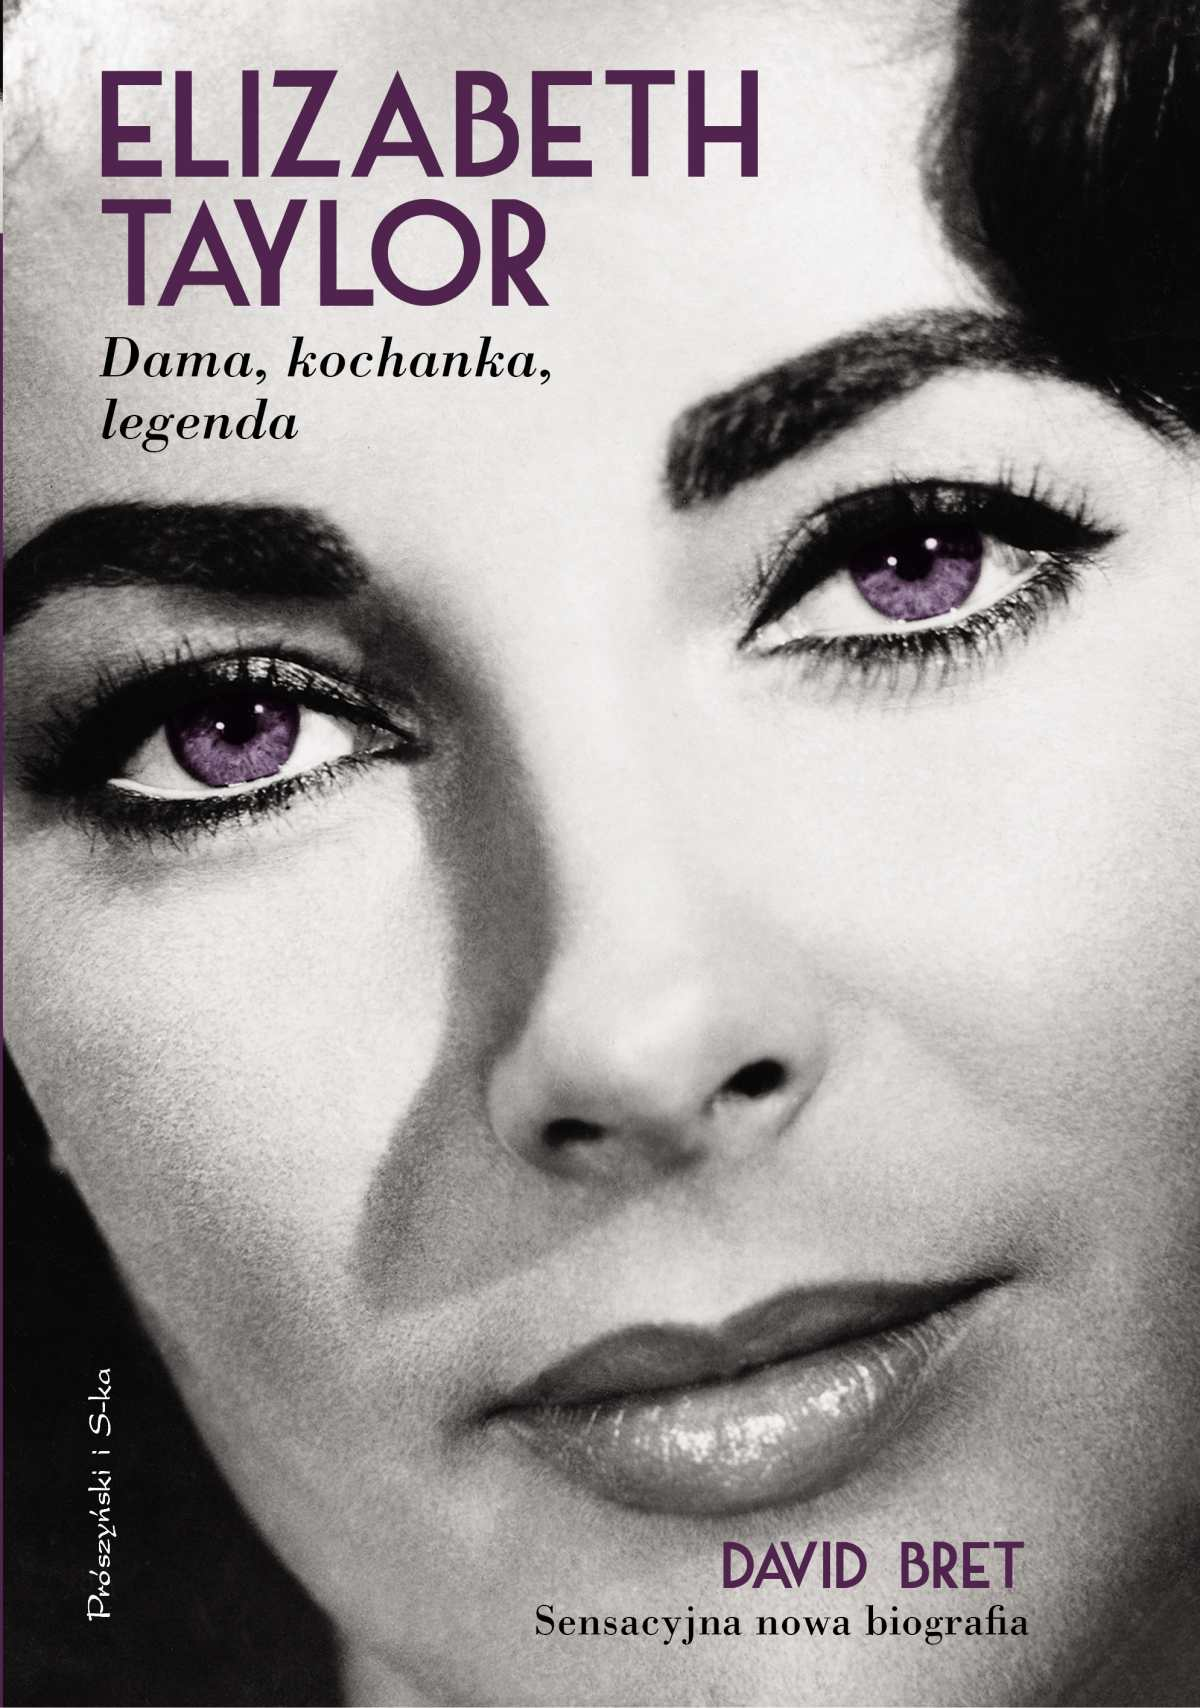 Elizabeth Taylor. Dama, kochanka, legenda - Ebook (Książka EPUB) do pobrania w formacie EPUB